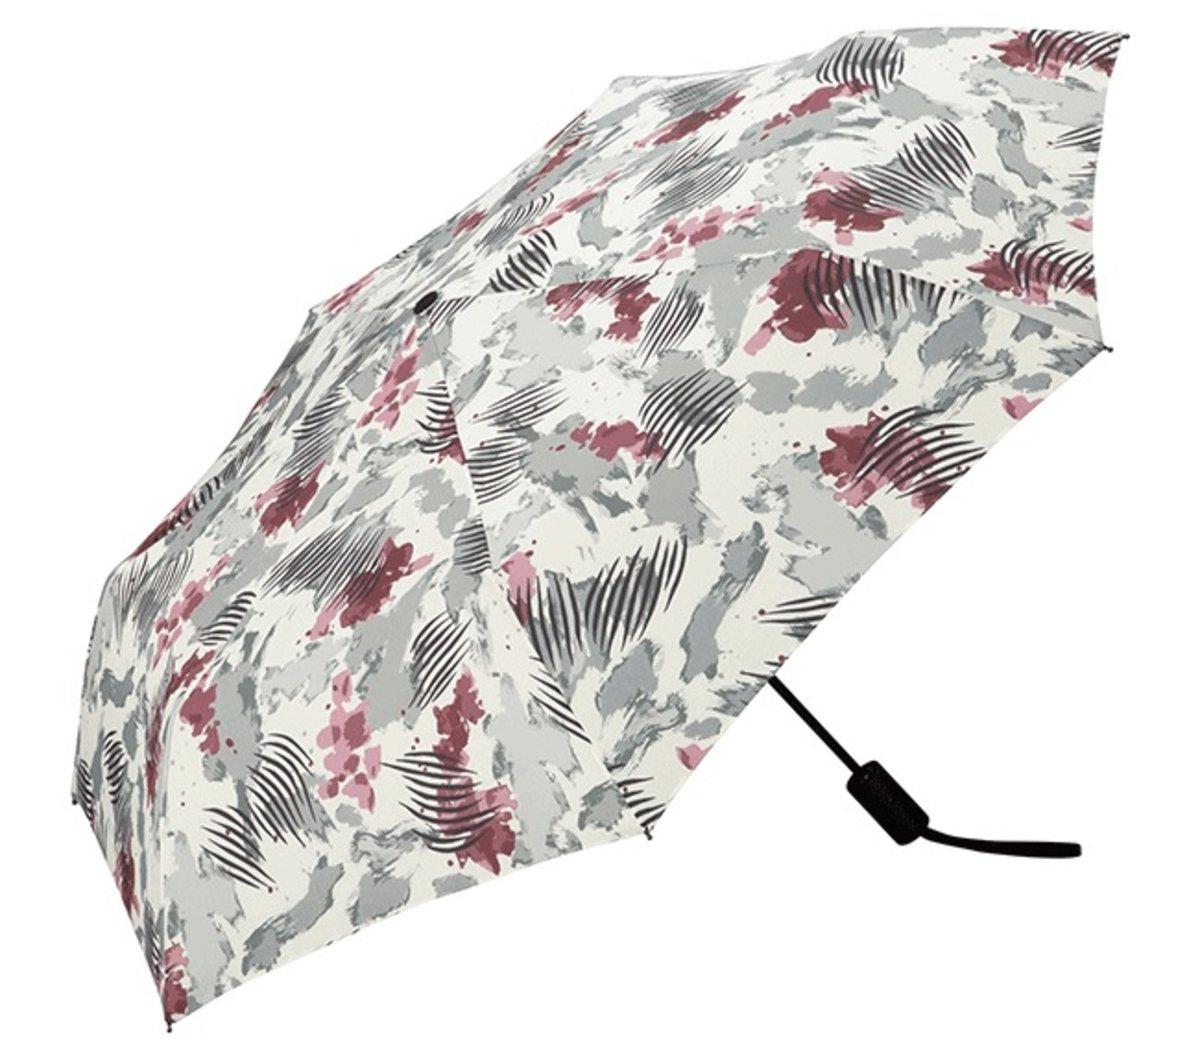 [瘋狂MORE Dollar] 日本防UV/防紫外線摺疊式自動開關摺雨傘(paint off mini)